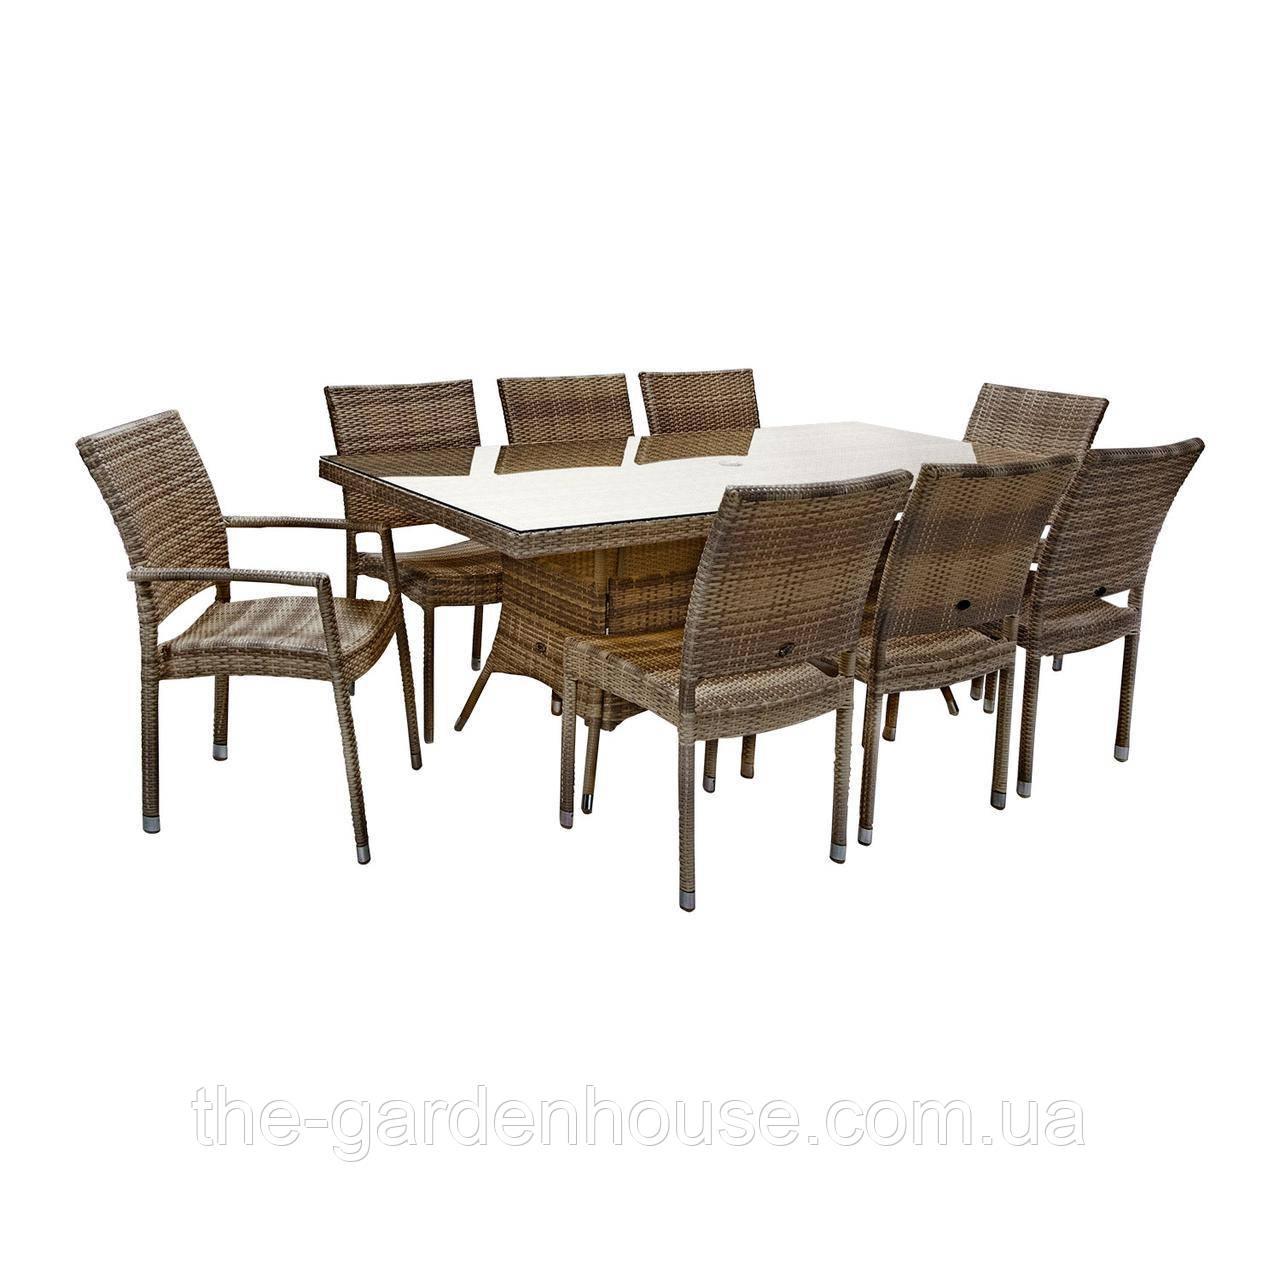 Обеденный комплект Wicker из техноротанга: стол 200 см и 8 стульев капучино